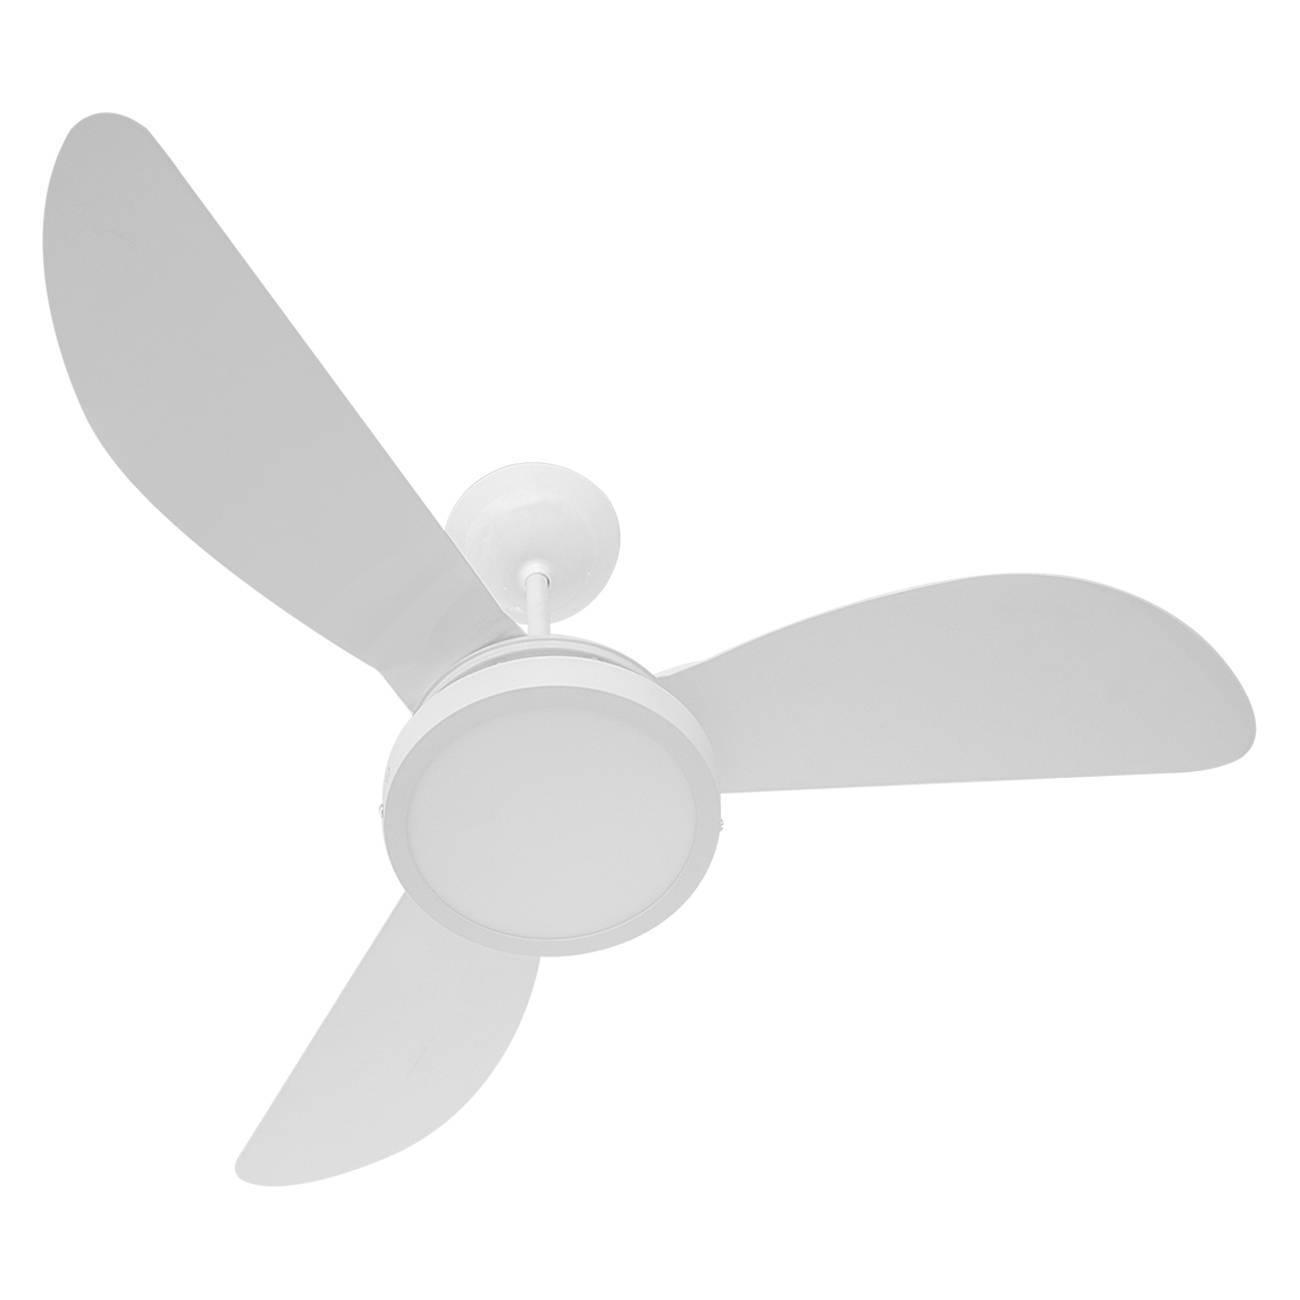 Ventilador De Teto Fenix Branco 3 Pás Led 18w Ponente - LCGELETRO